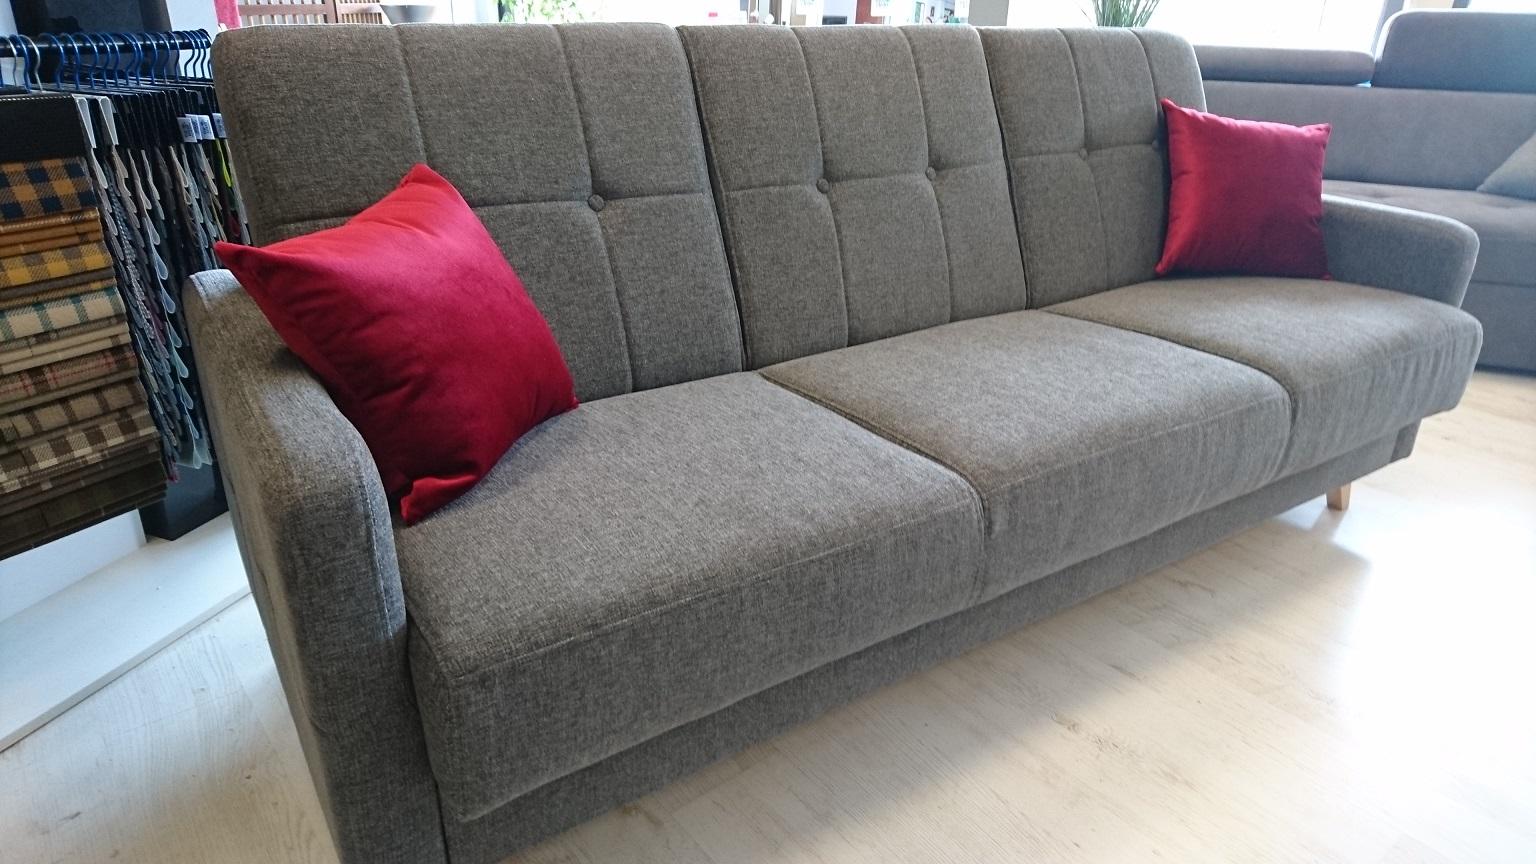 SCANDI CAYA DESIGN Meble Warszawa STUDIO KOMFORT sofa rozkładana z funkcja spania i pojemnikiem tkanina SOFTI Magic Home FARGOTEX